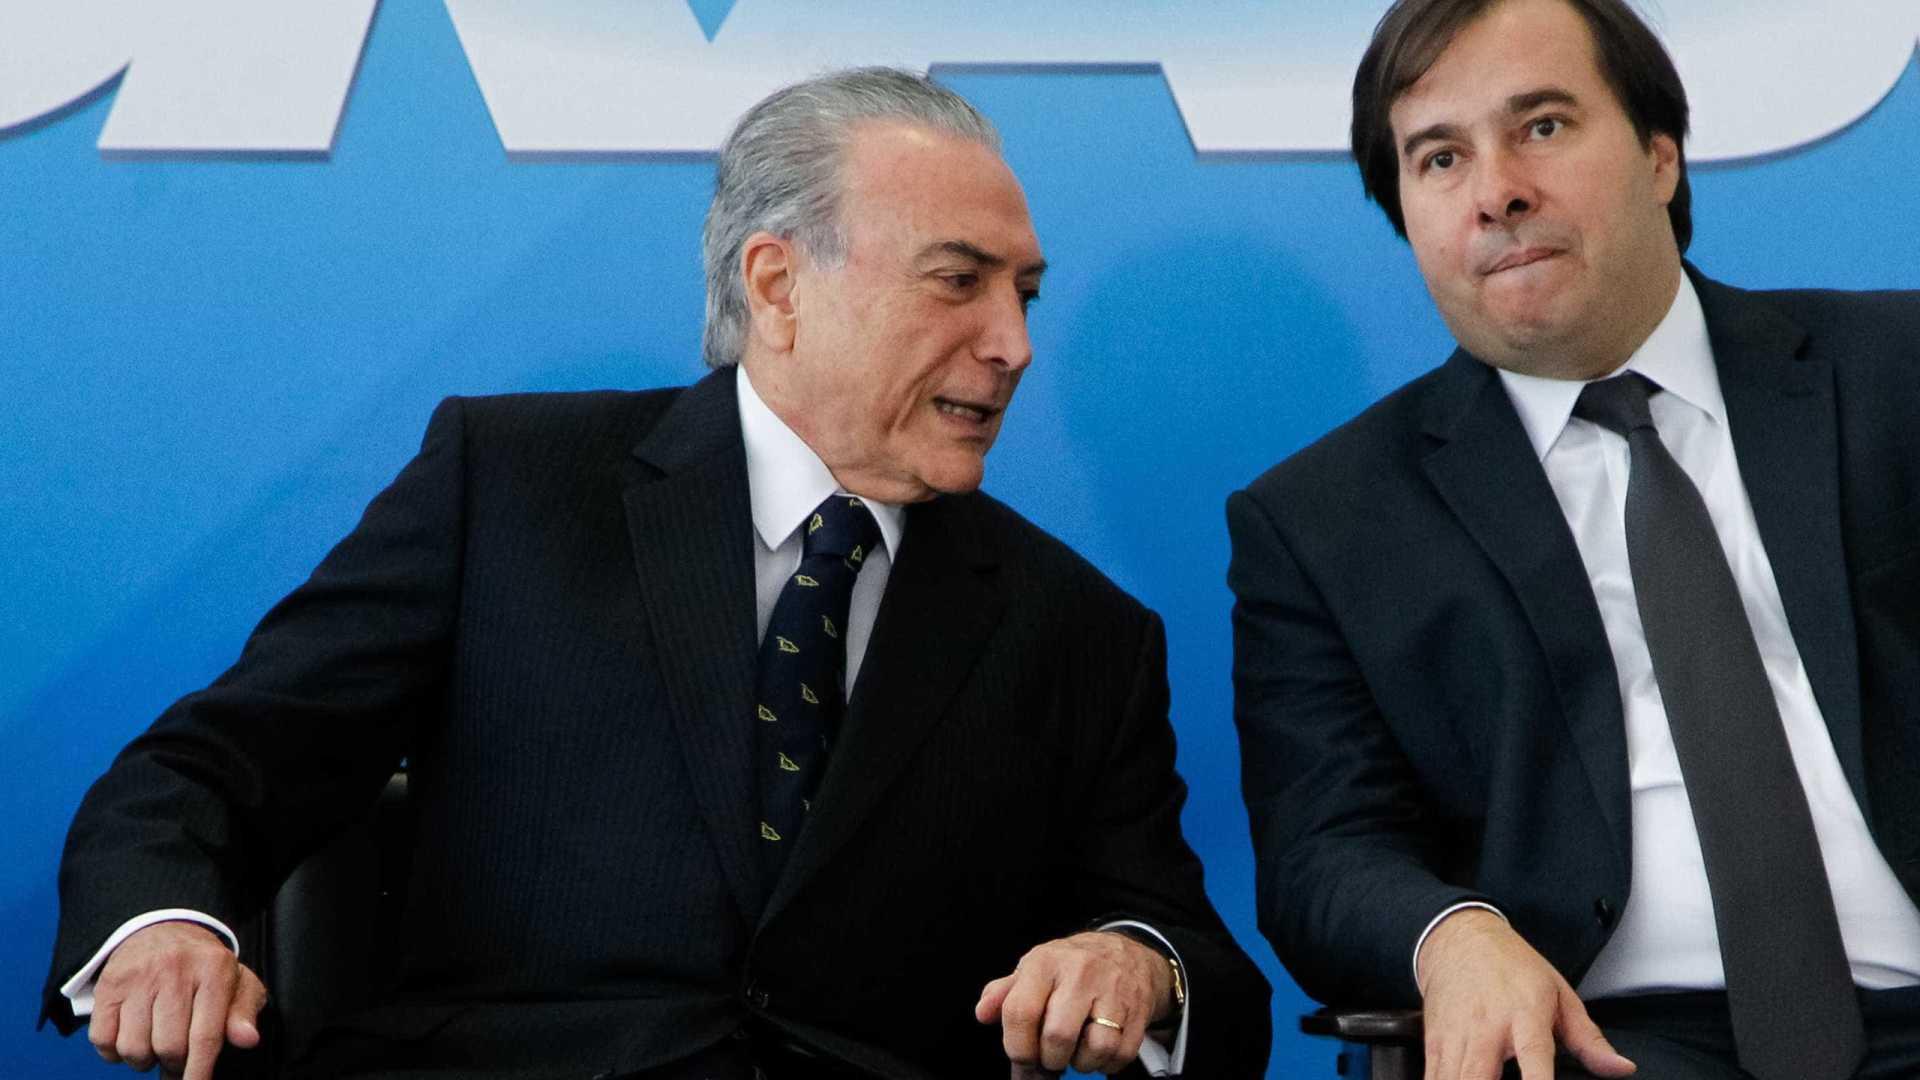 Declarações de Maia sobre governo deixam Temer irritado, dizem aliados